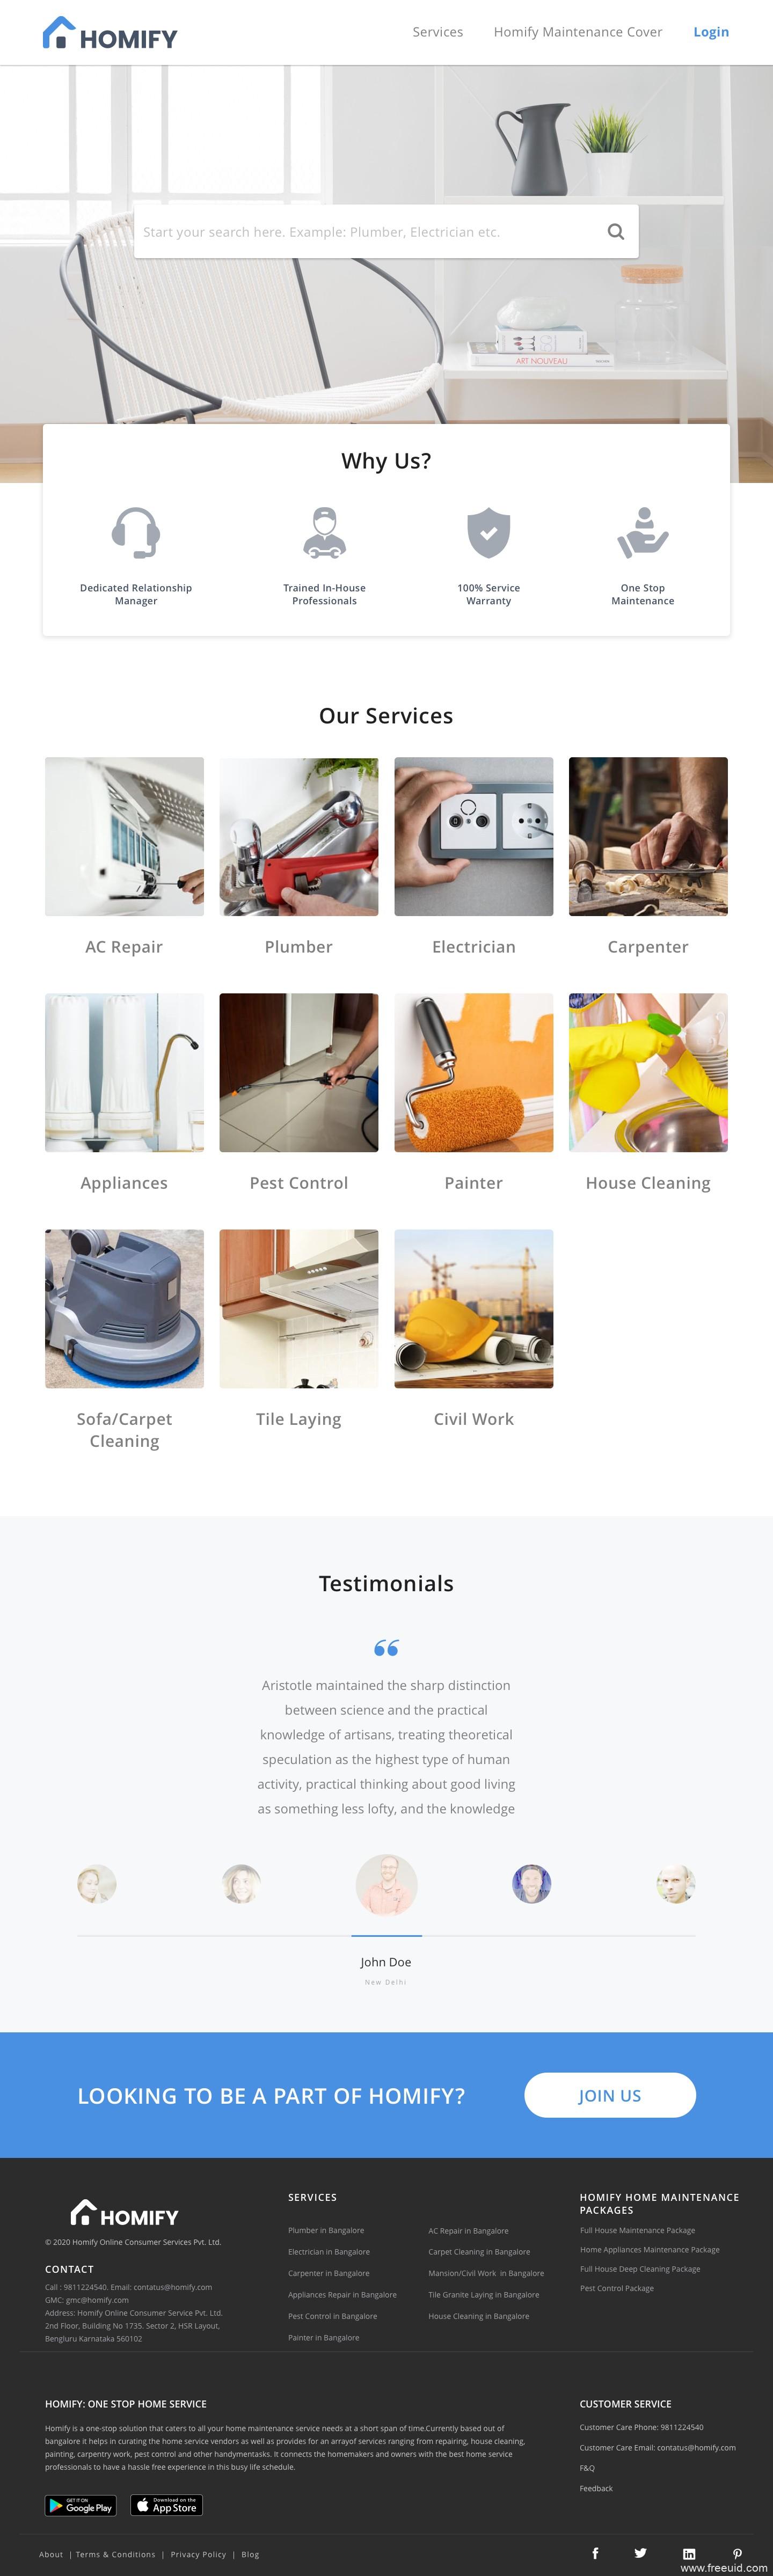 家庭服务登录Web网页sketch源文件下载